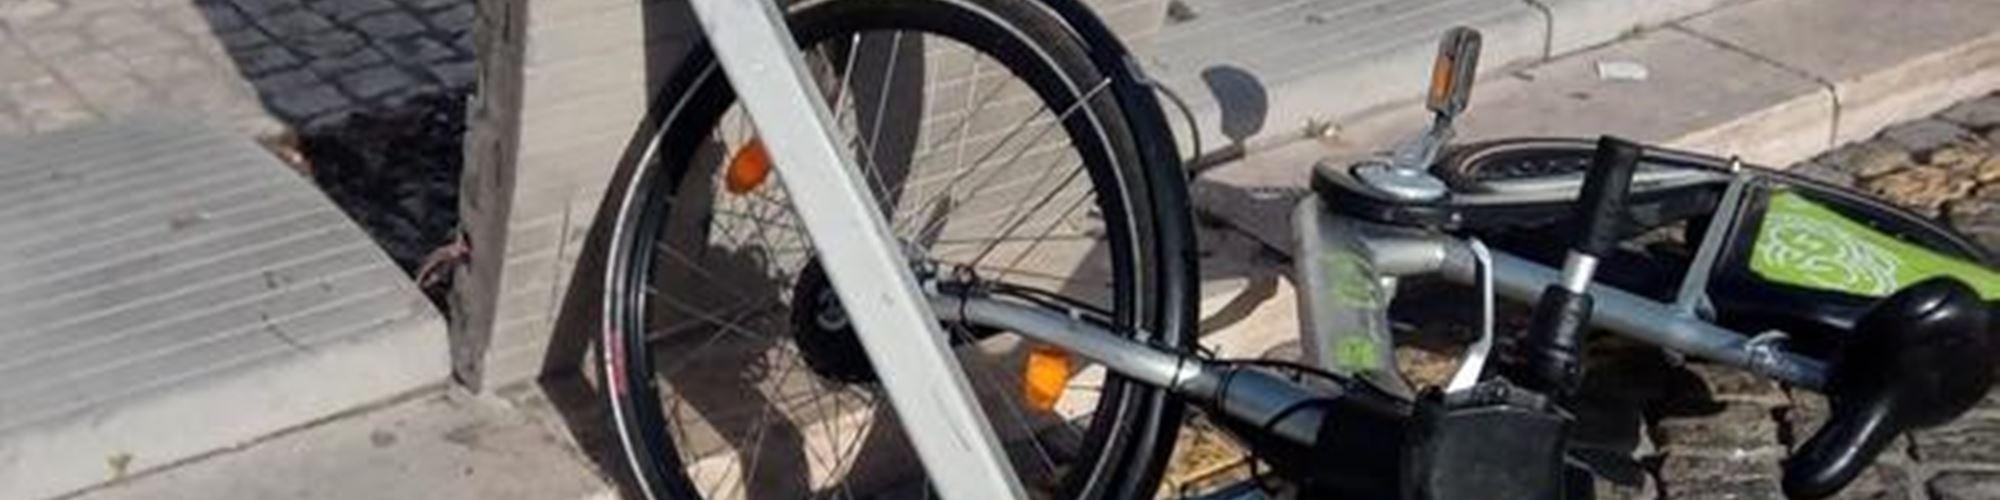 Centenas de bicicletas vandalizadas em Lisboa em apenas 15 dias